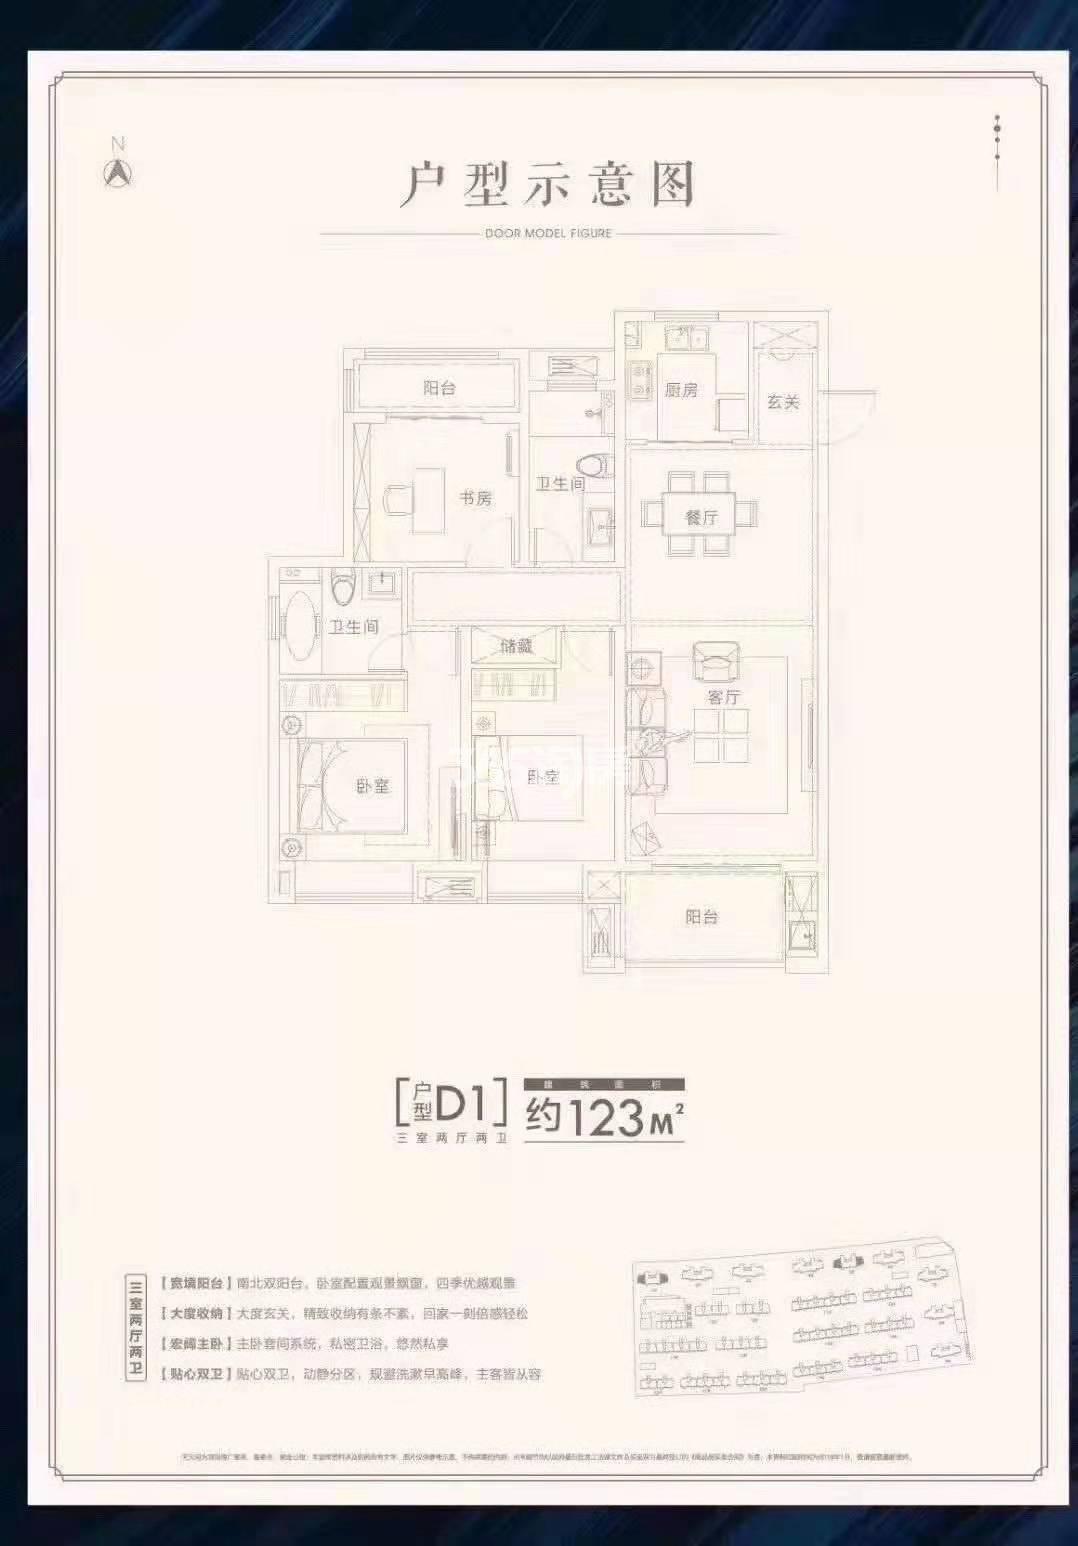 安庆金大地天元府三室两厅两卫123㎡D1户型图